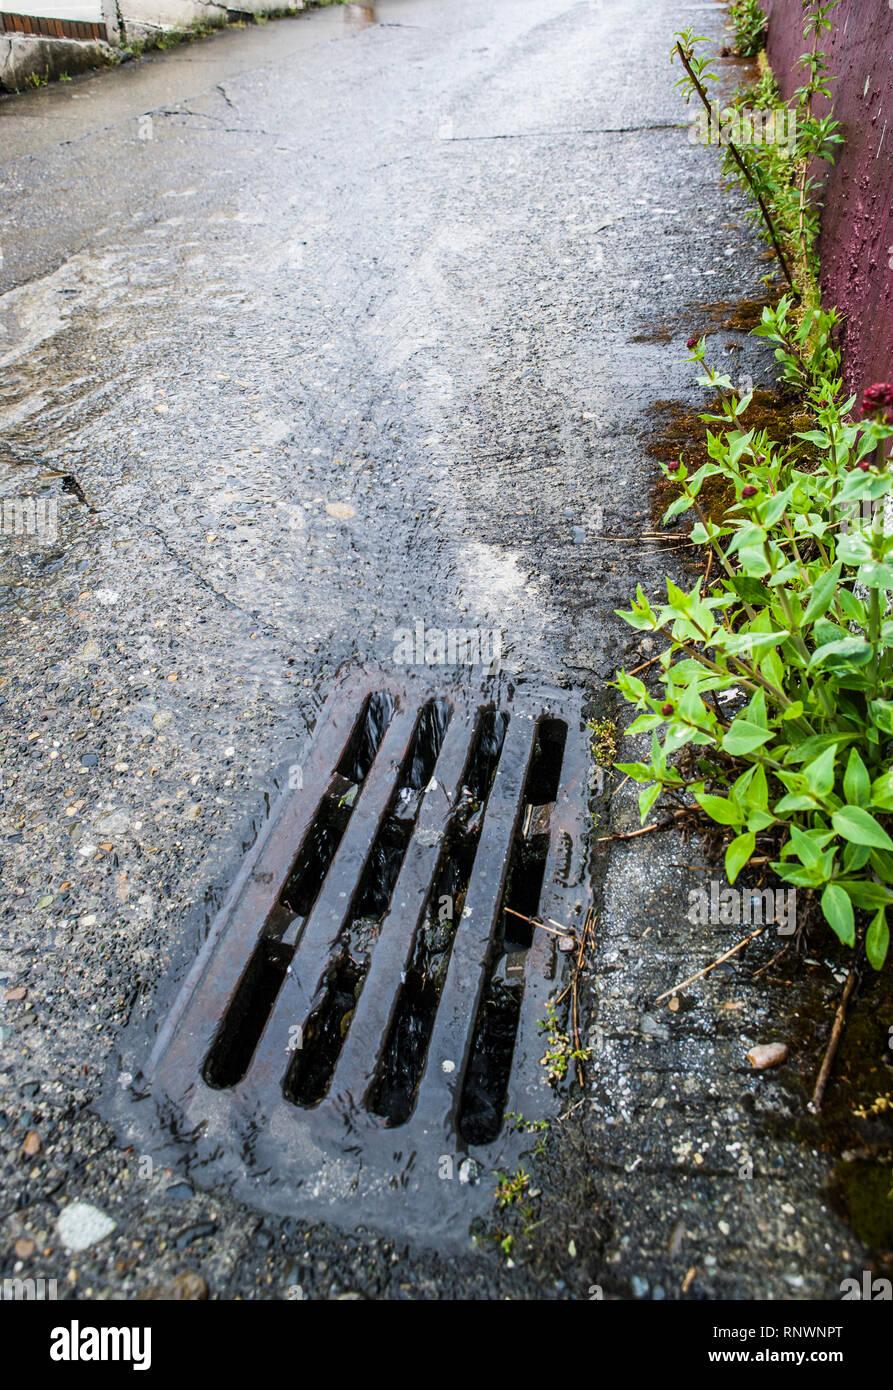 L'eau qui coule dans la rue à un collecteur d'eaux pluviales sur un jour de pluie. Photo Stock